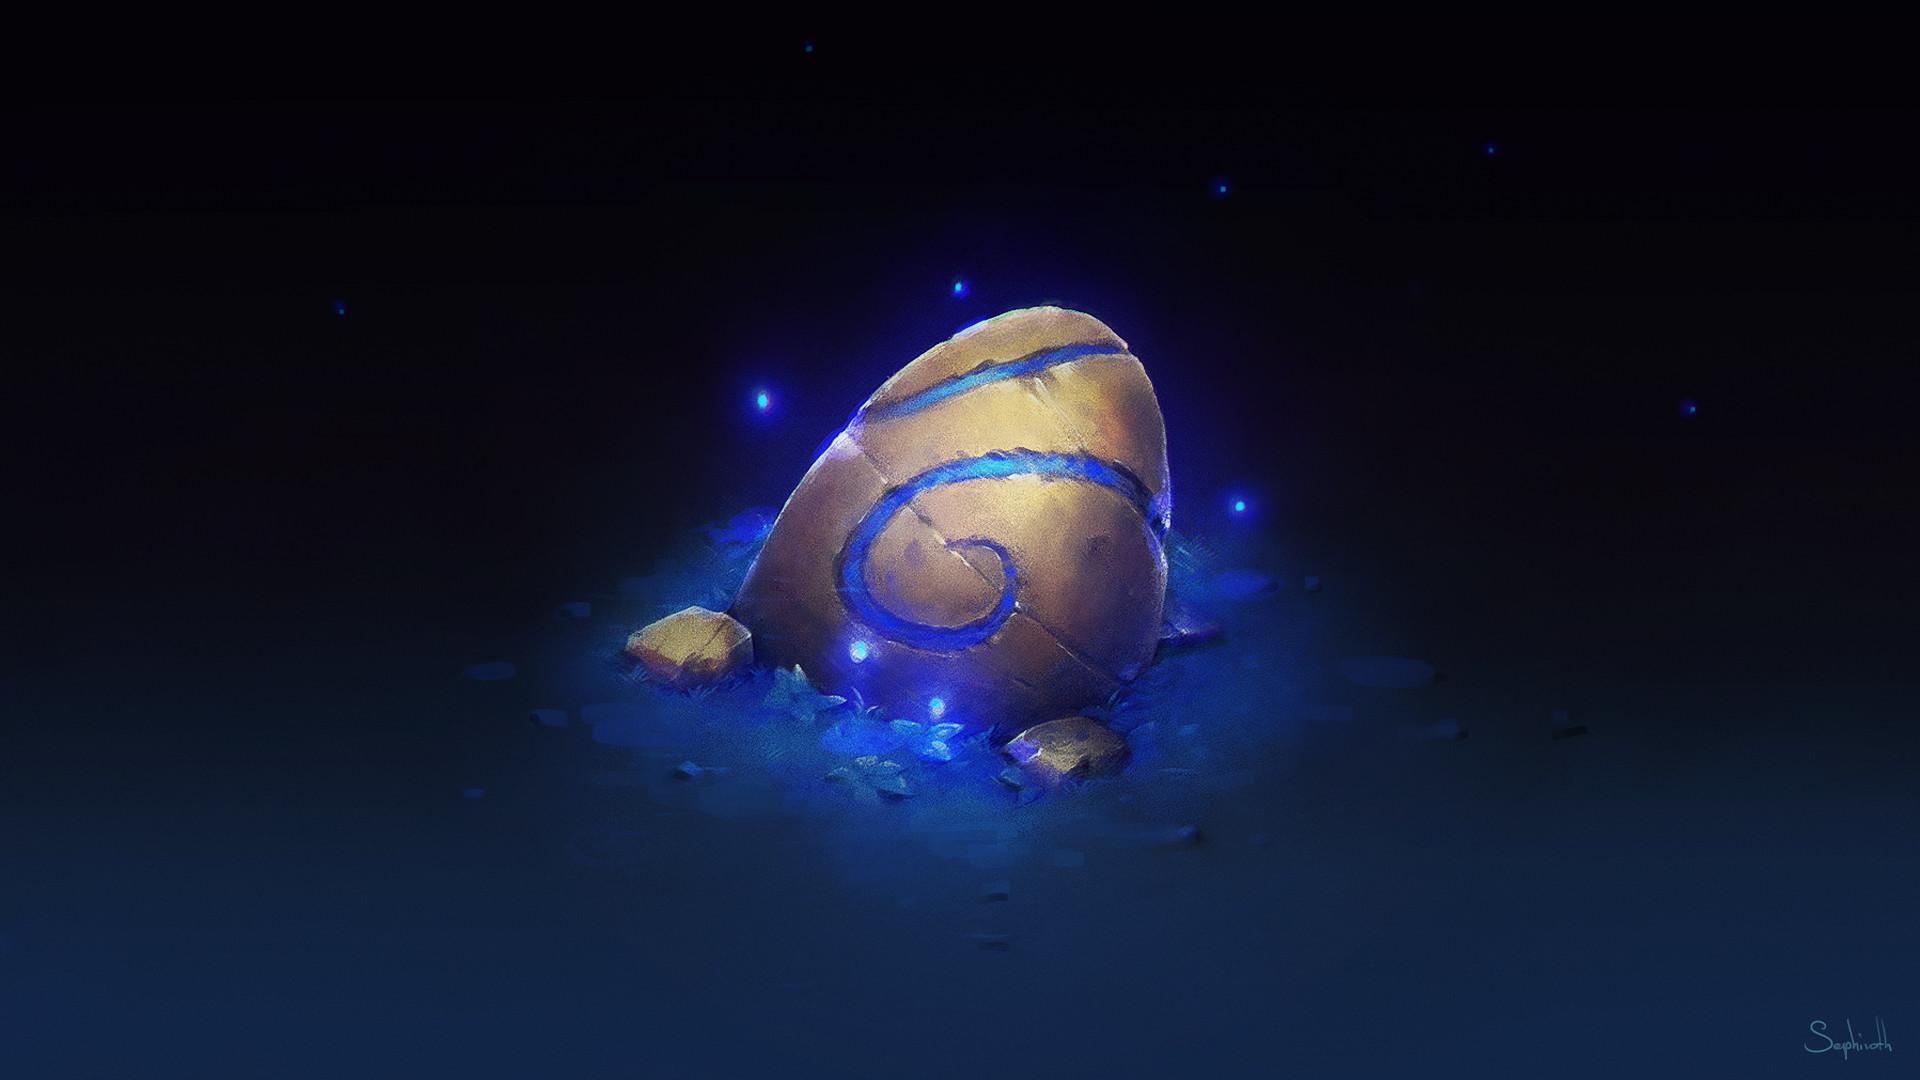 Sephiroth art rune stone